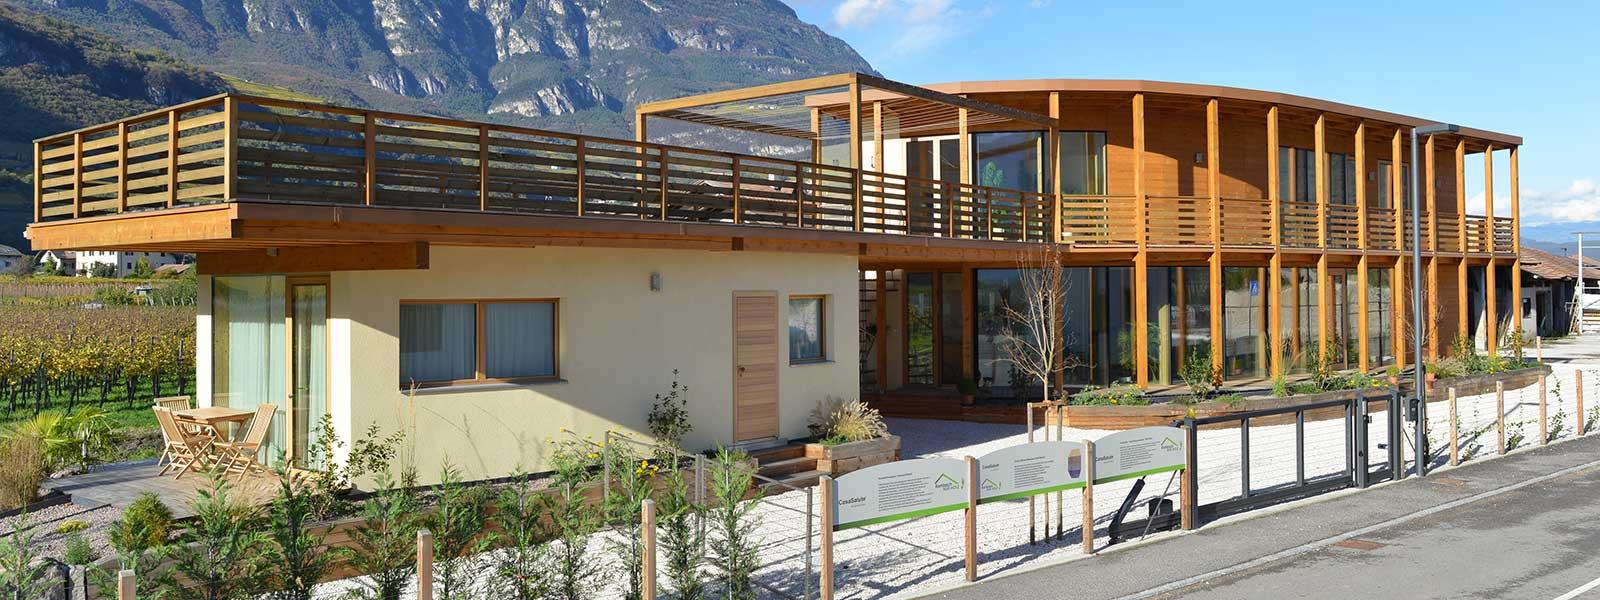 case in legno massiccio casa salute